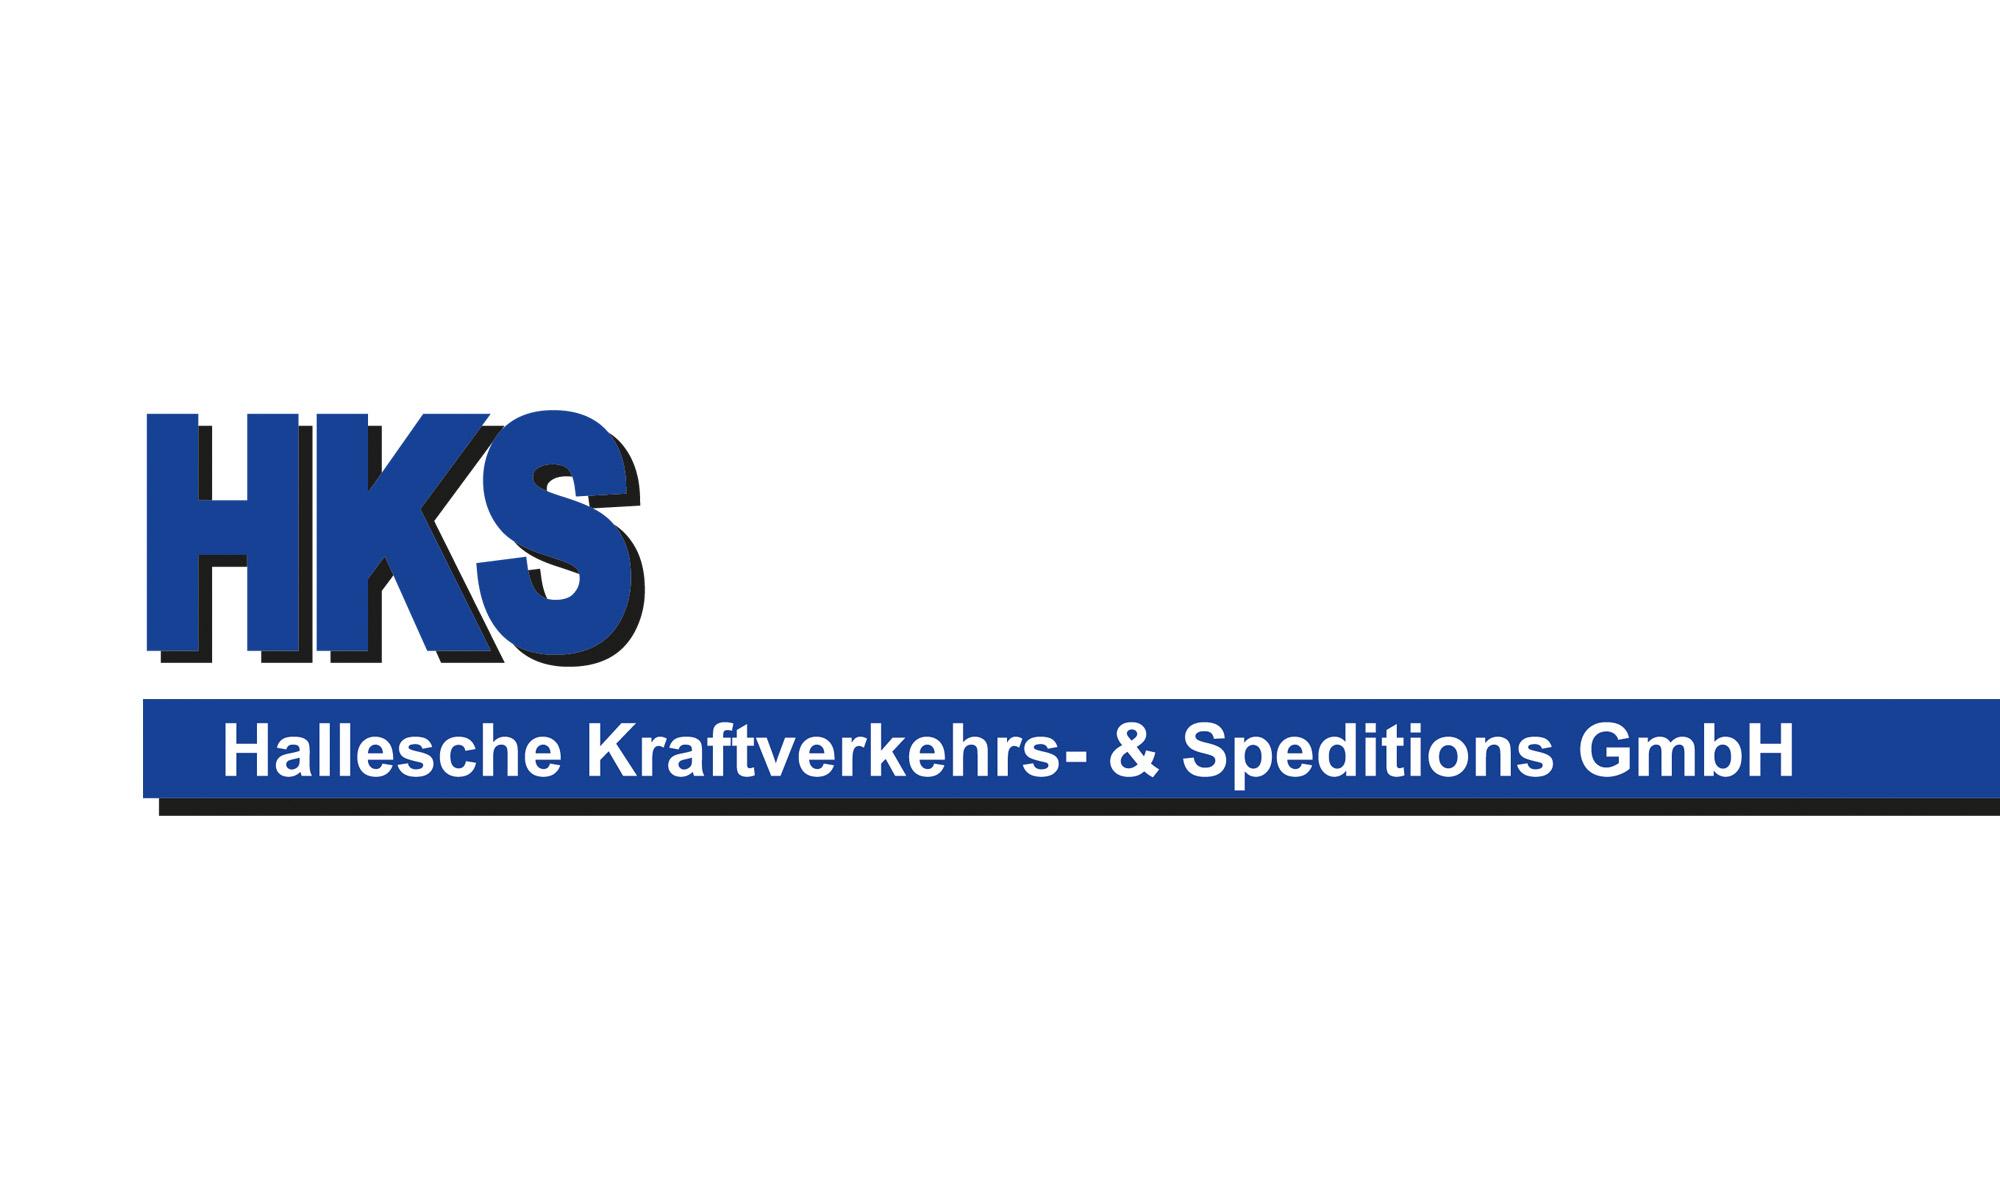 Logo Hallesche Kraftverkehrs- & Speditions GmbH